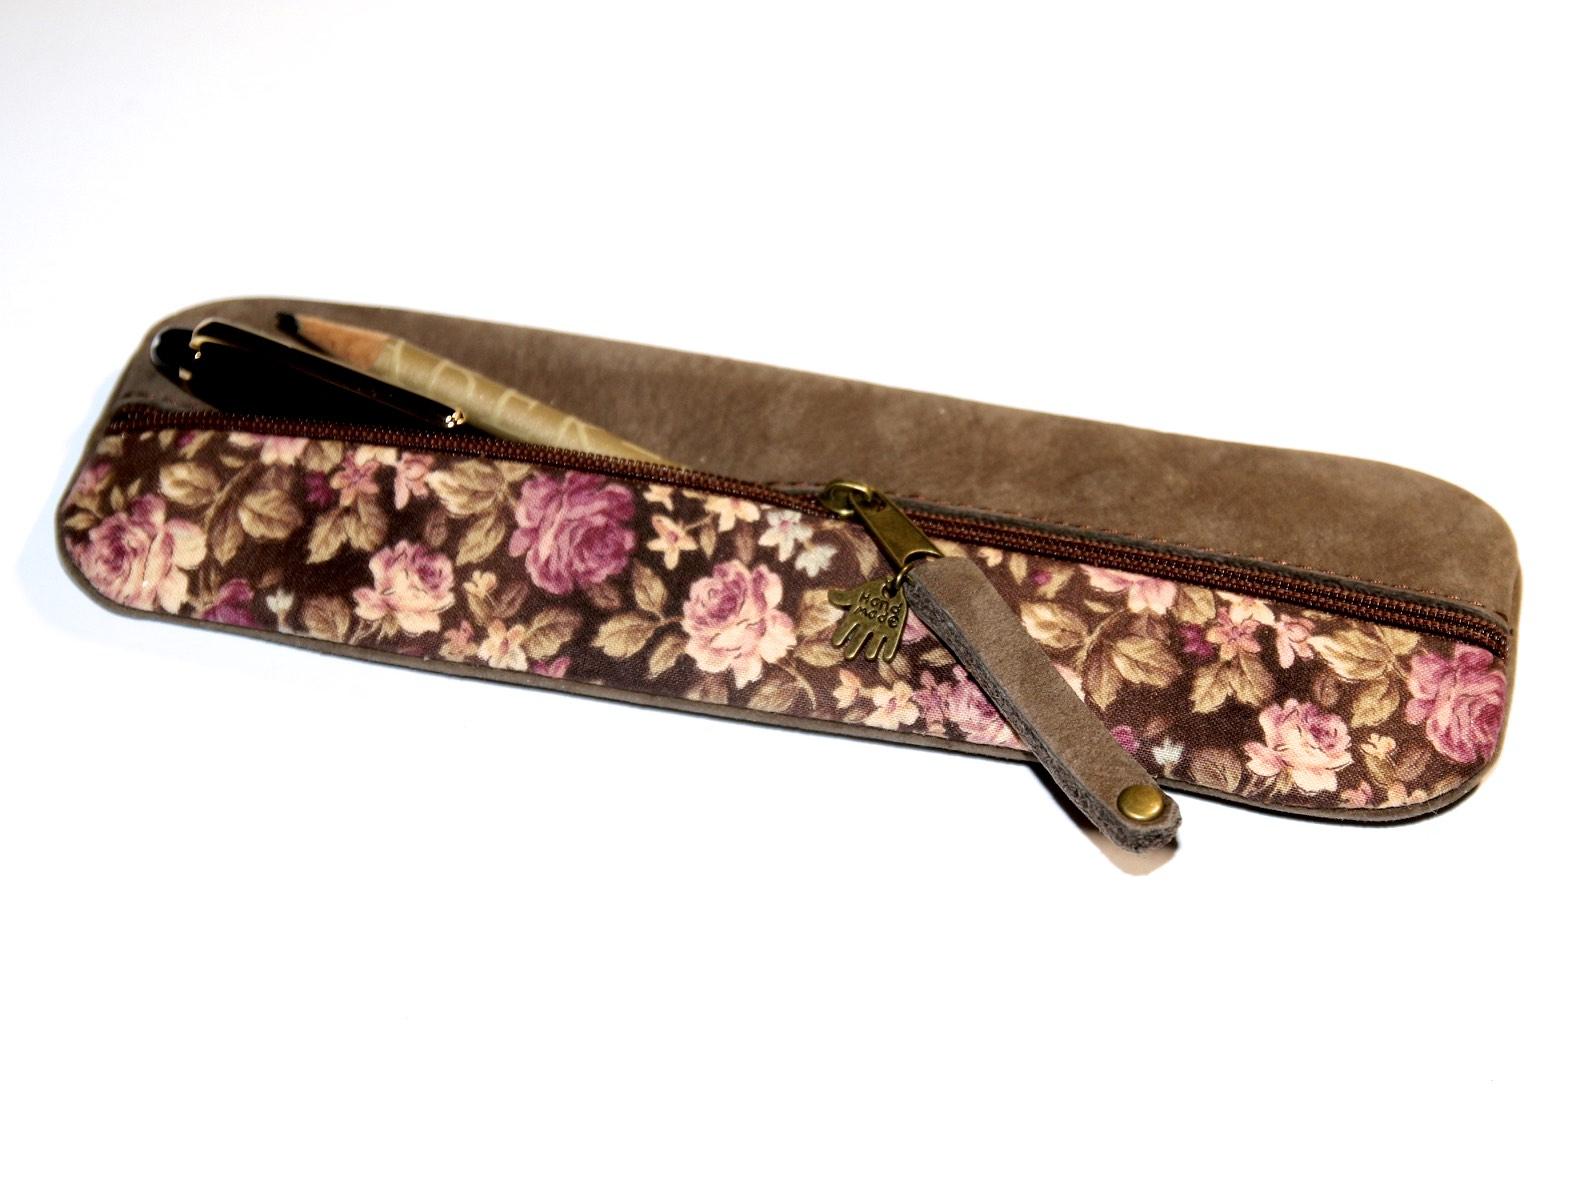 zartes federm ppchen handgefertigt in rosa leder stoff. Black Bedroom Furniture Sets. Home Design Ideas